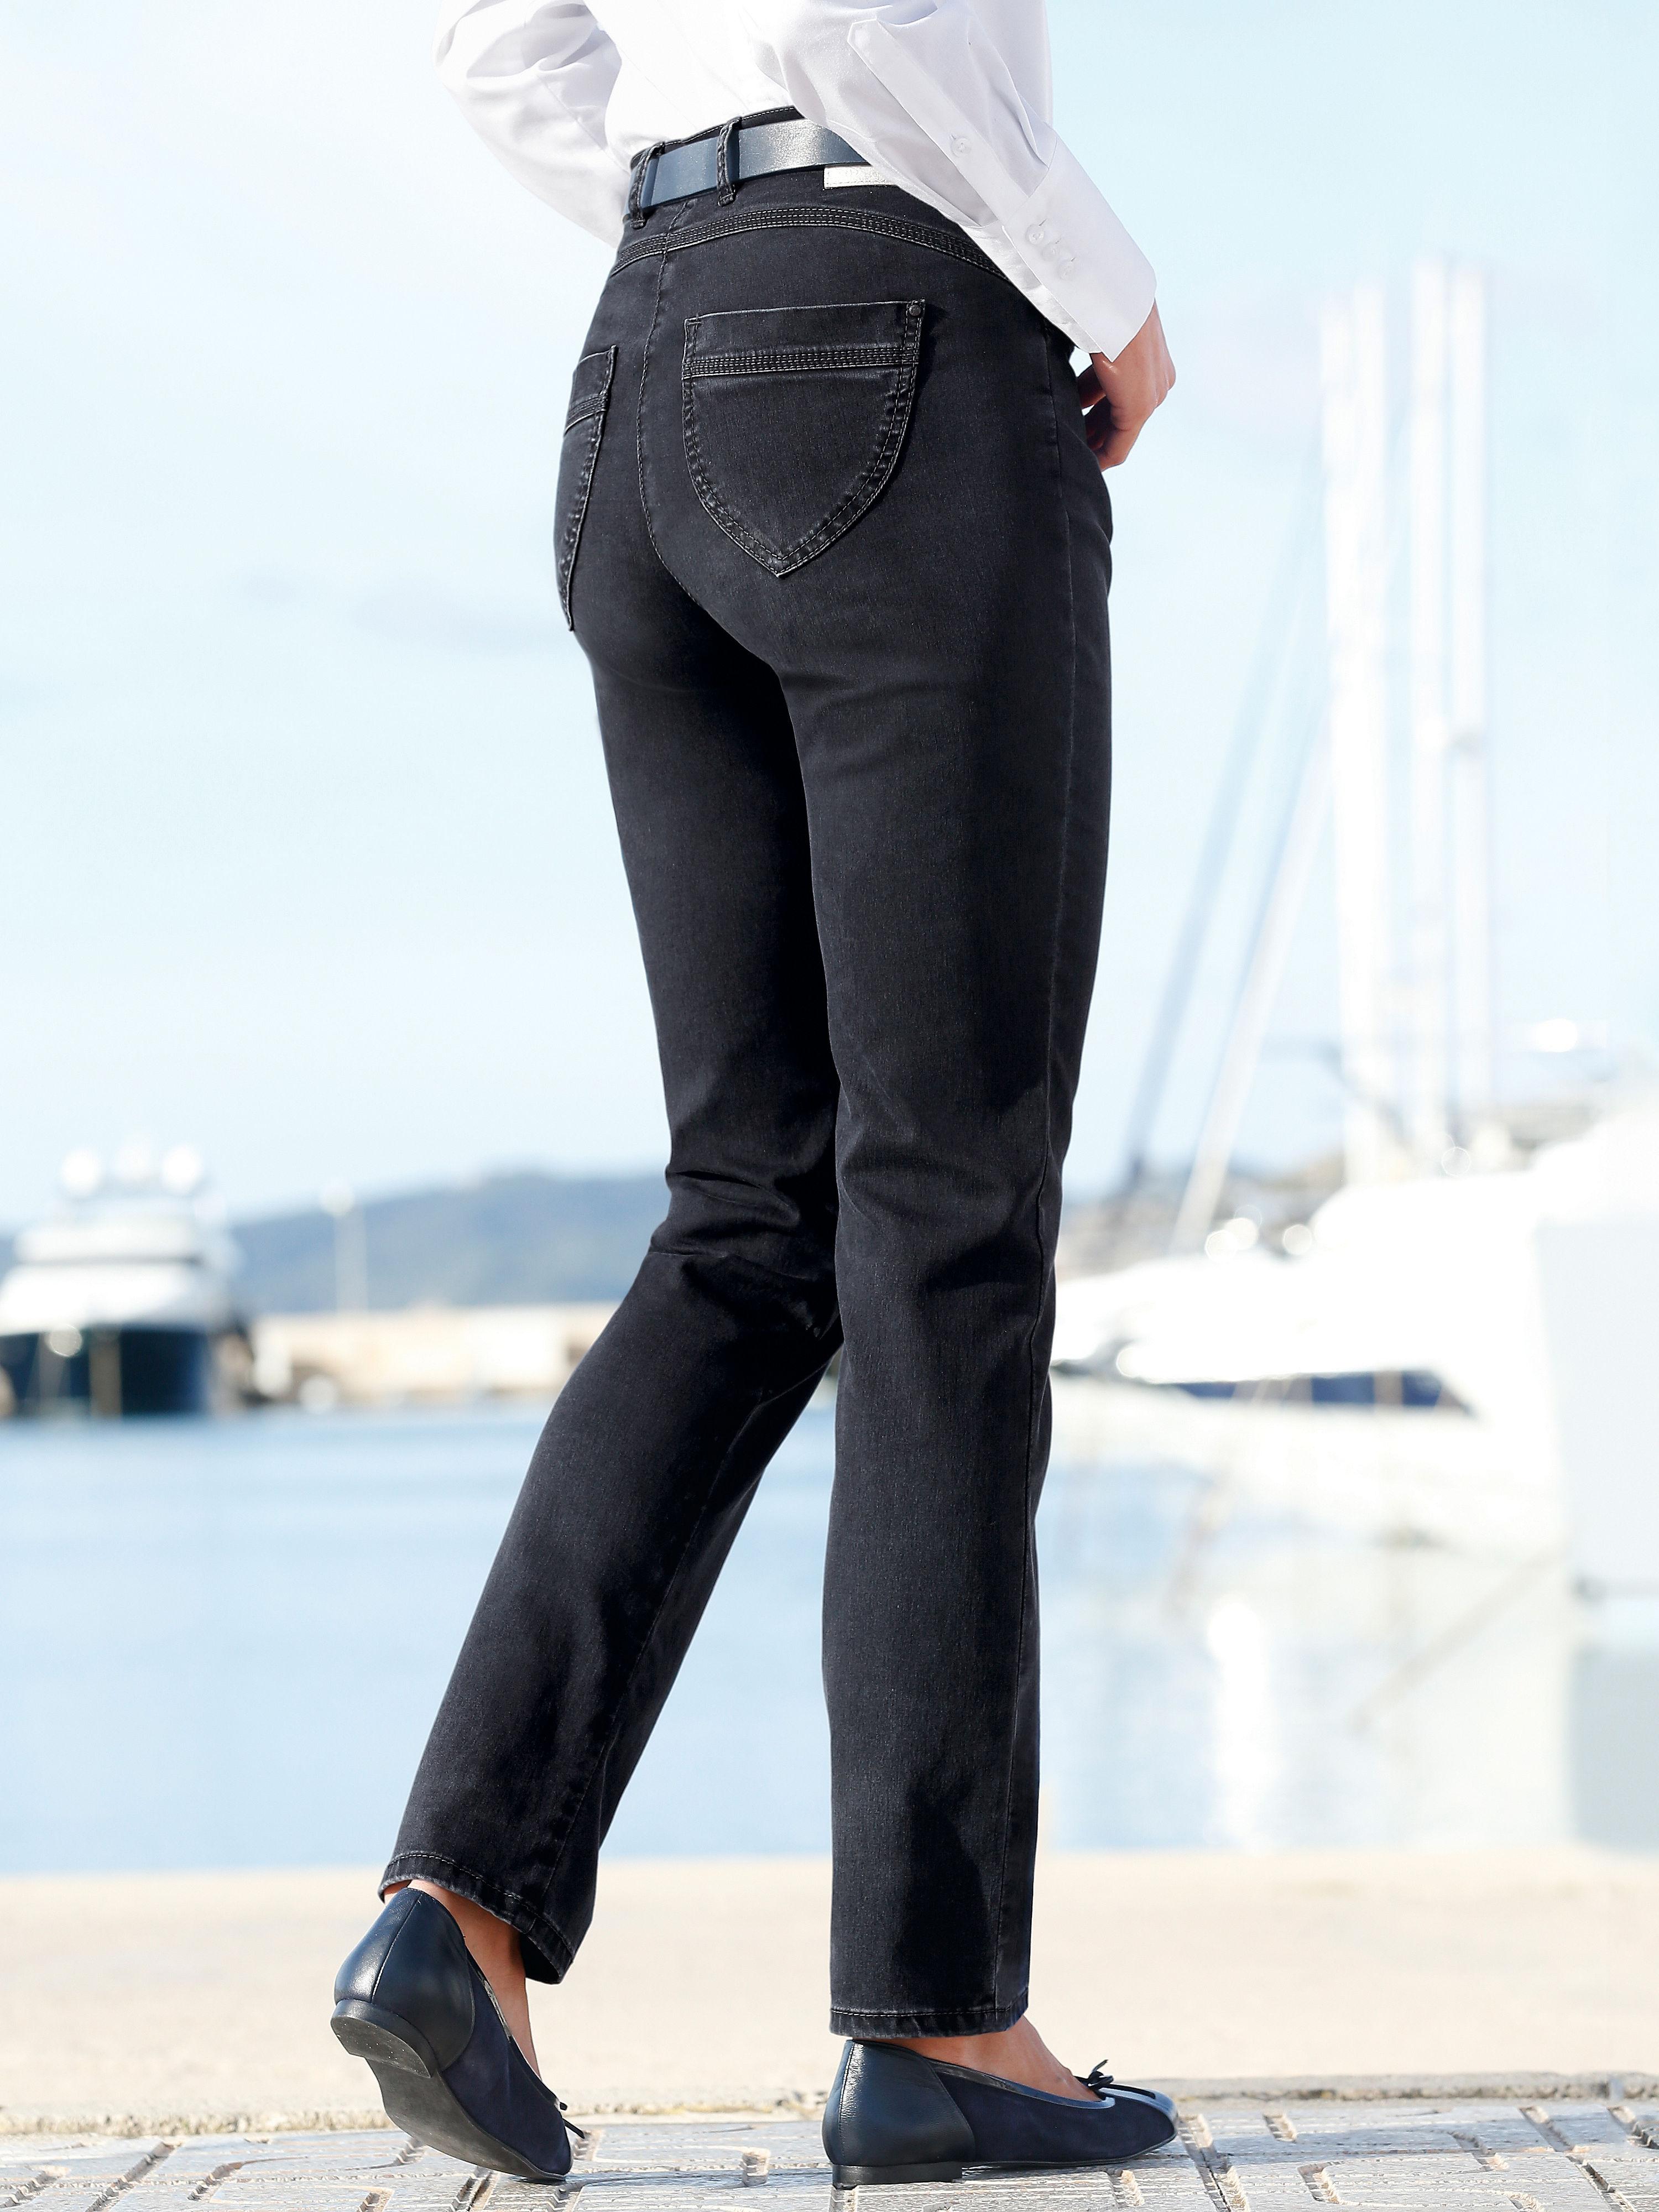 Corrigerende jeans van raphaela by brax. model lea, met 'proform s super slim' pasvorm. slank bovenbeen, ...